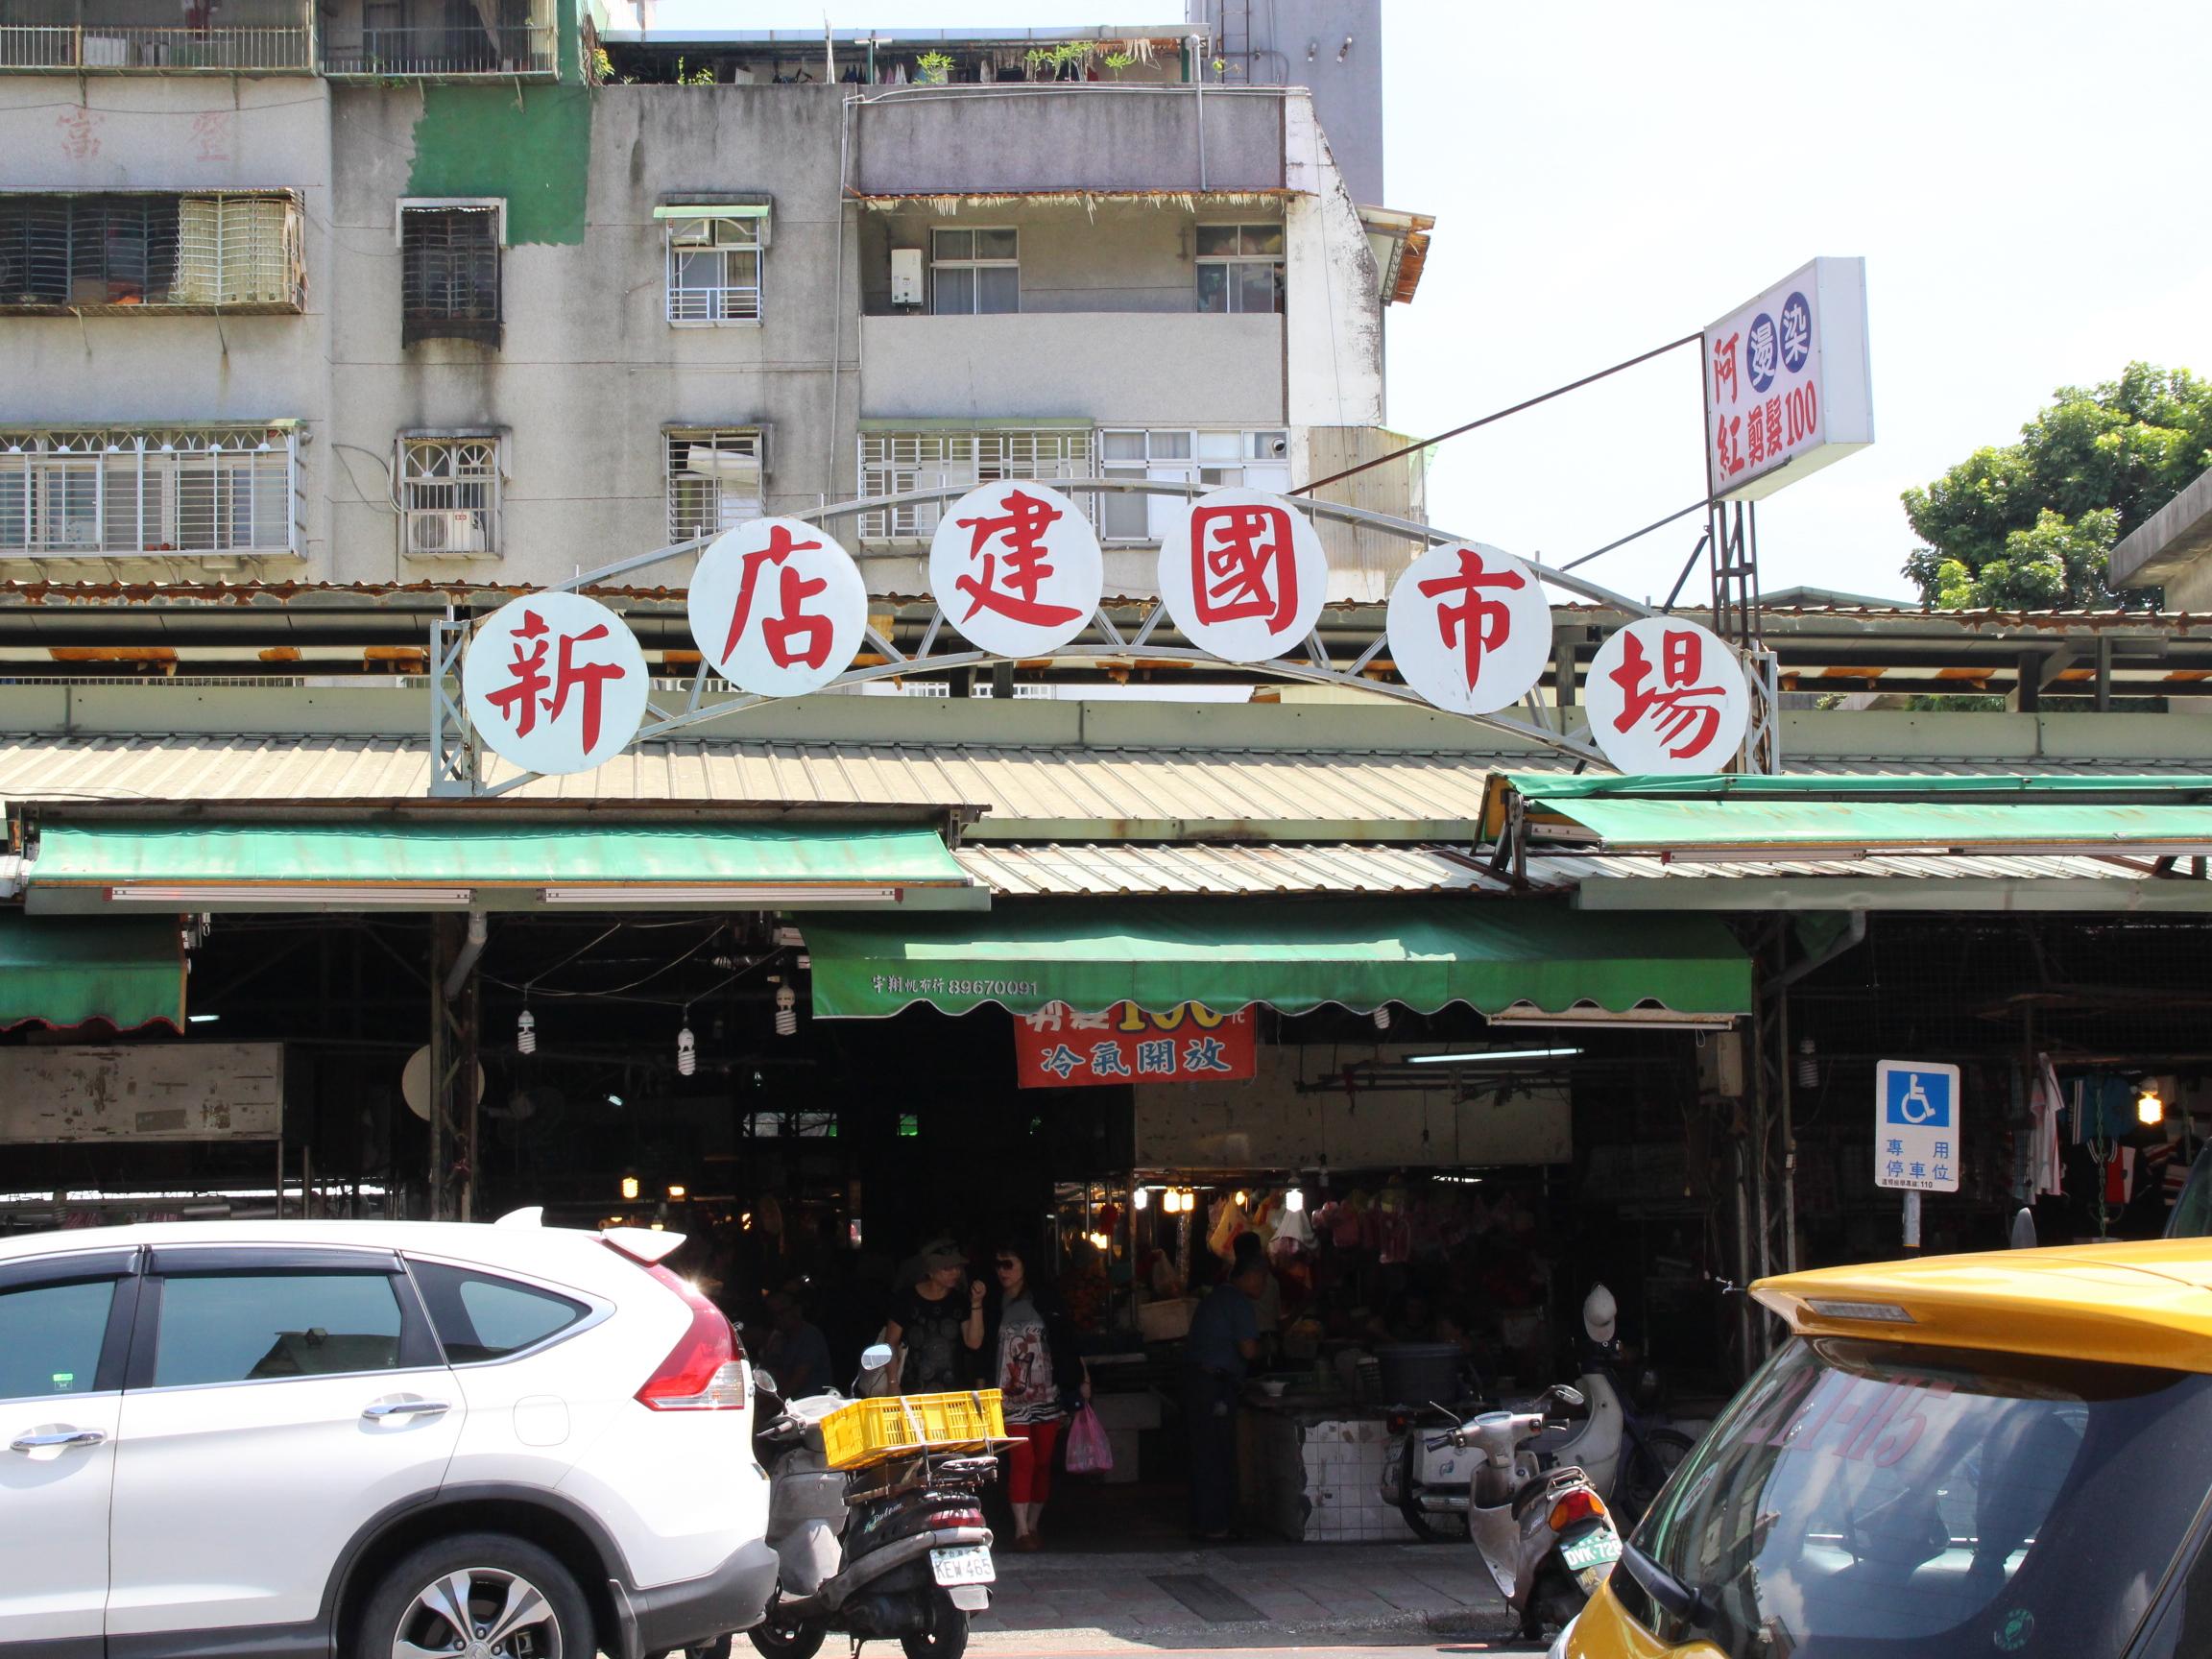 建國市場為地區主要傳統市場,營業時間從上午六點至下午四點。 攝影/林冠宇